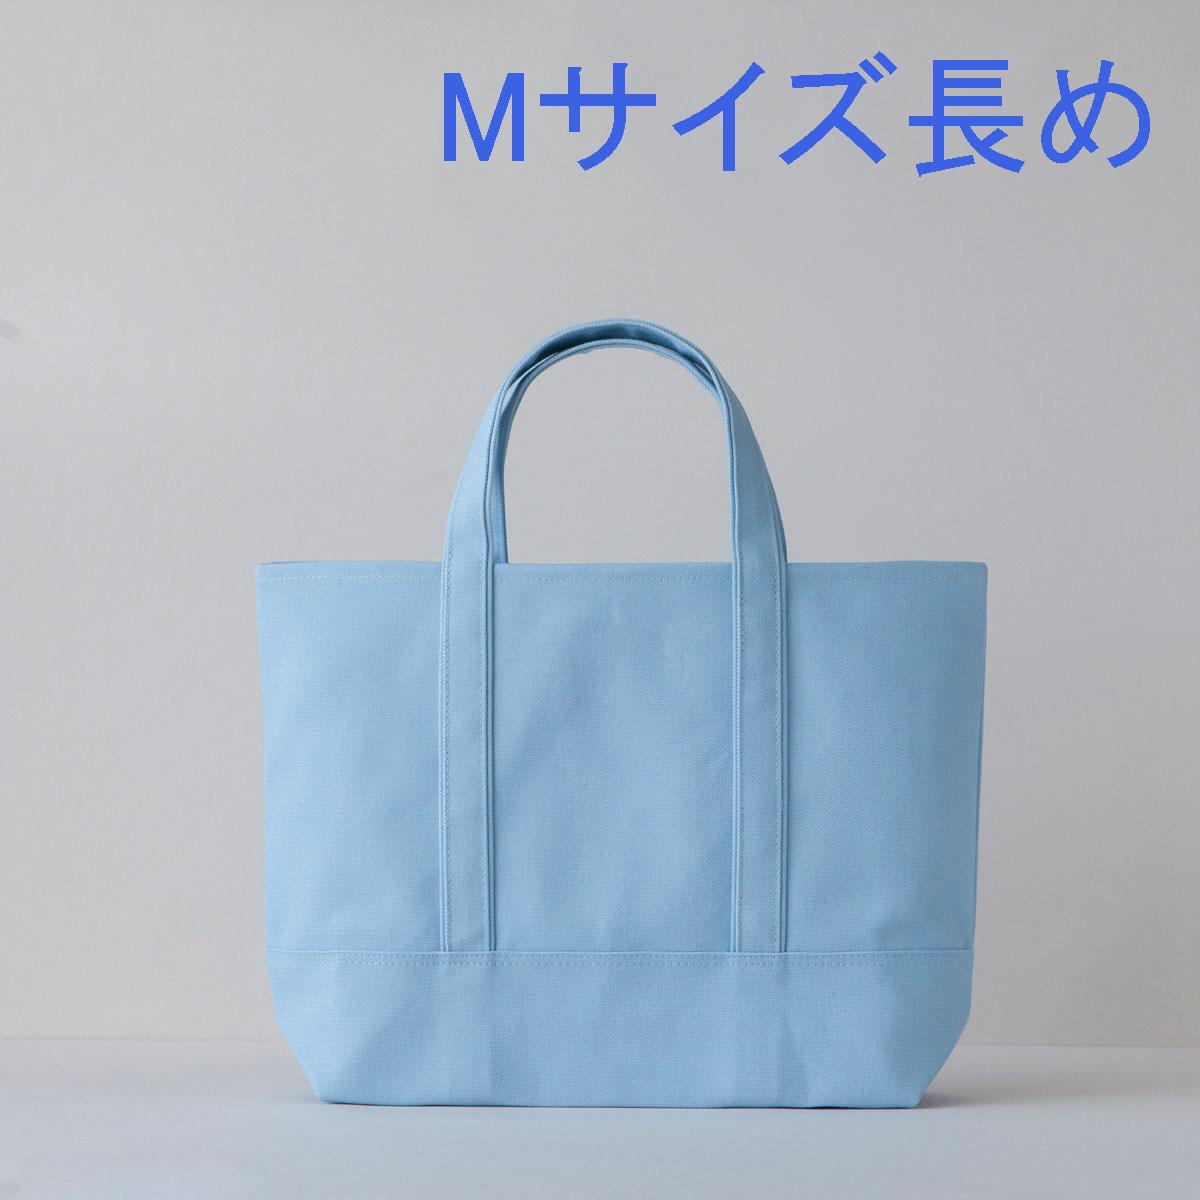 スカイ×スカイ Mサイズ(持ち手長め)